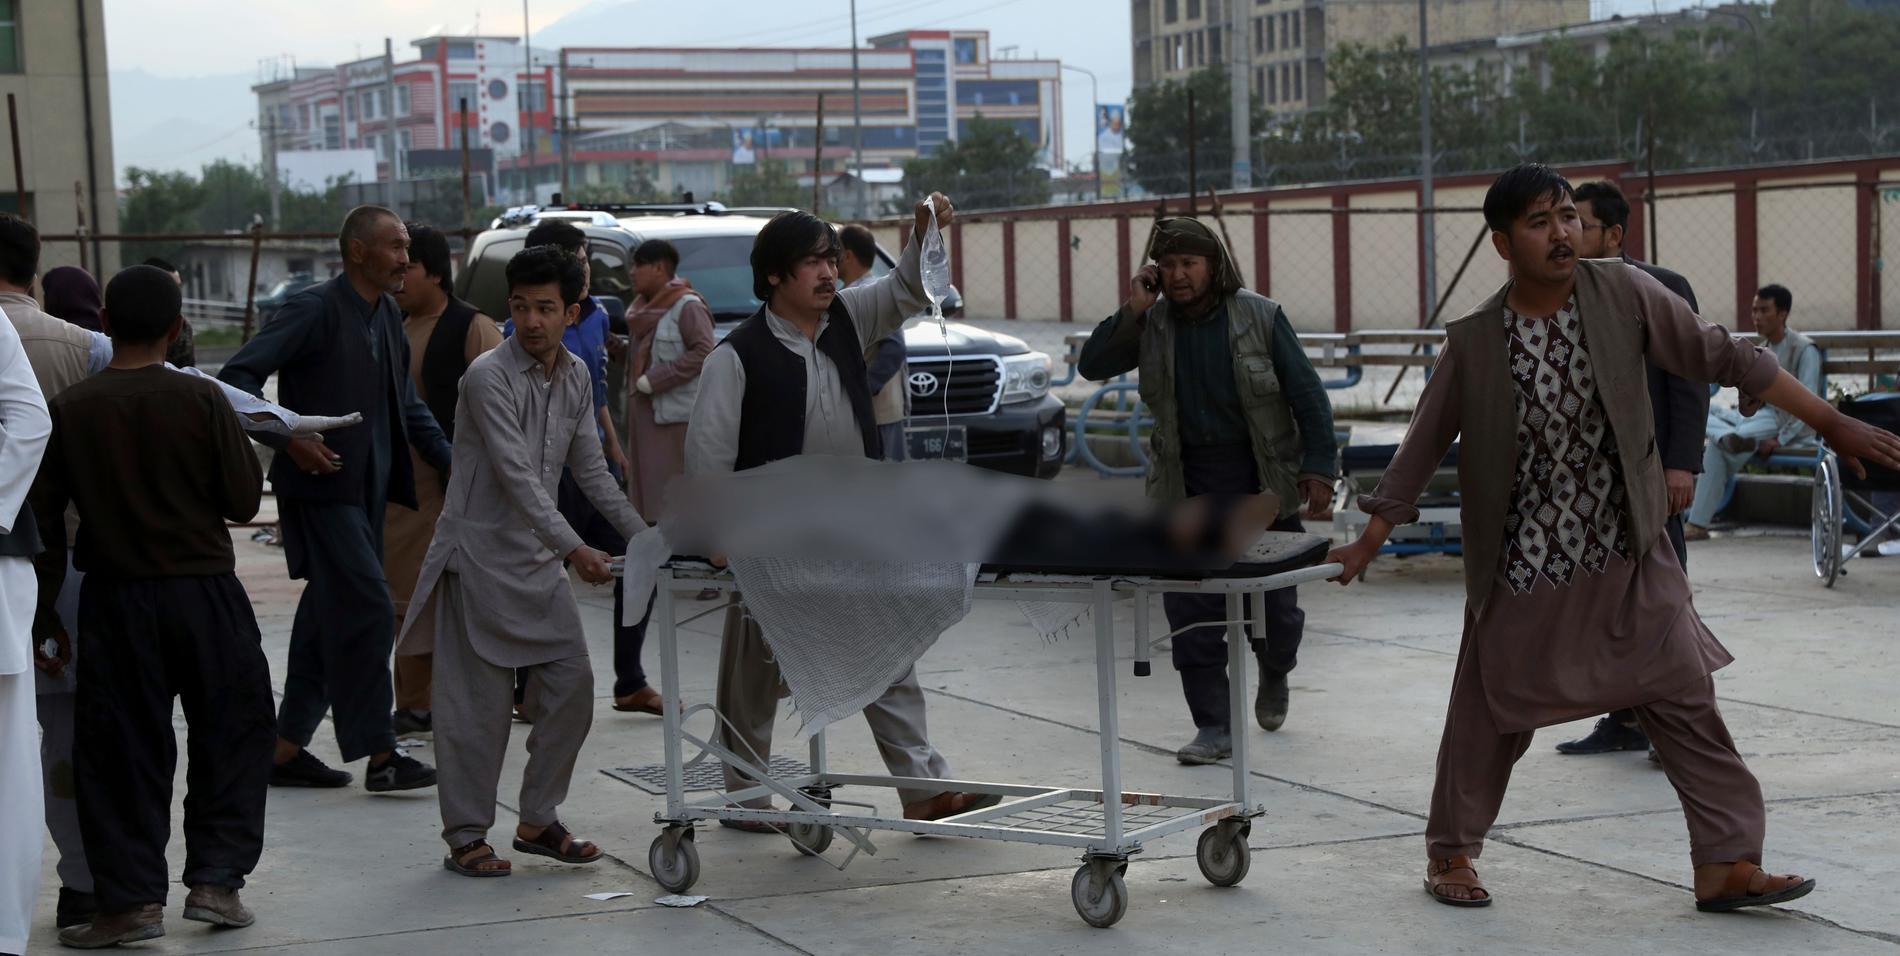 En skadad skolelev transporteras till sjukhus efter bombexplosionen nära en skola i Kabul lördagen den 8 maj. Enligt Afghanistans regering är offren övervägande unga kvinnliga studenter.